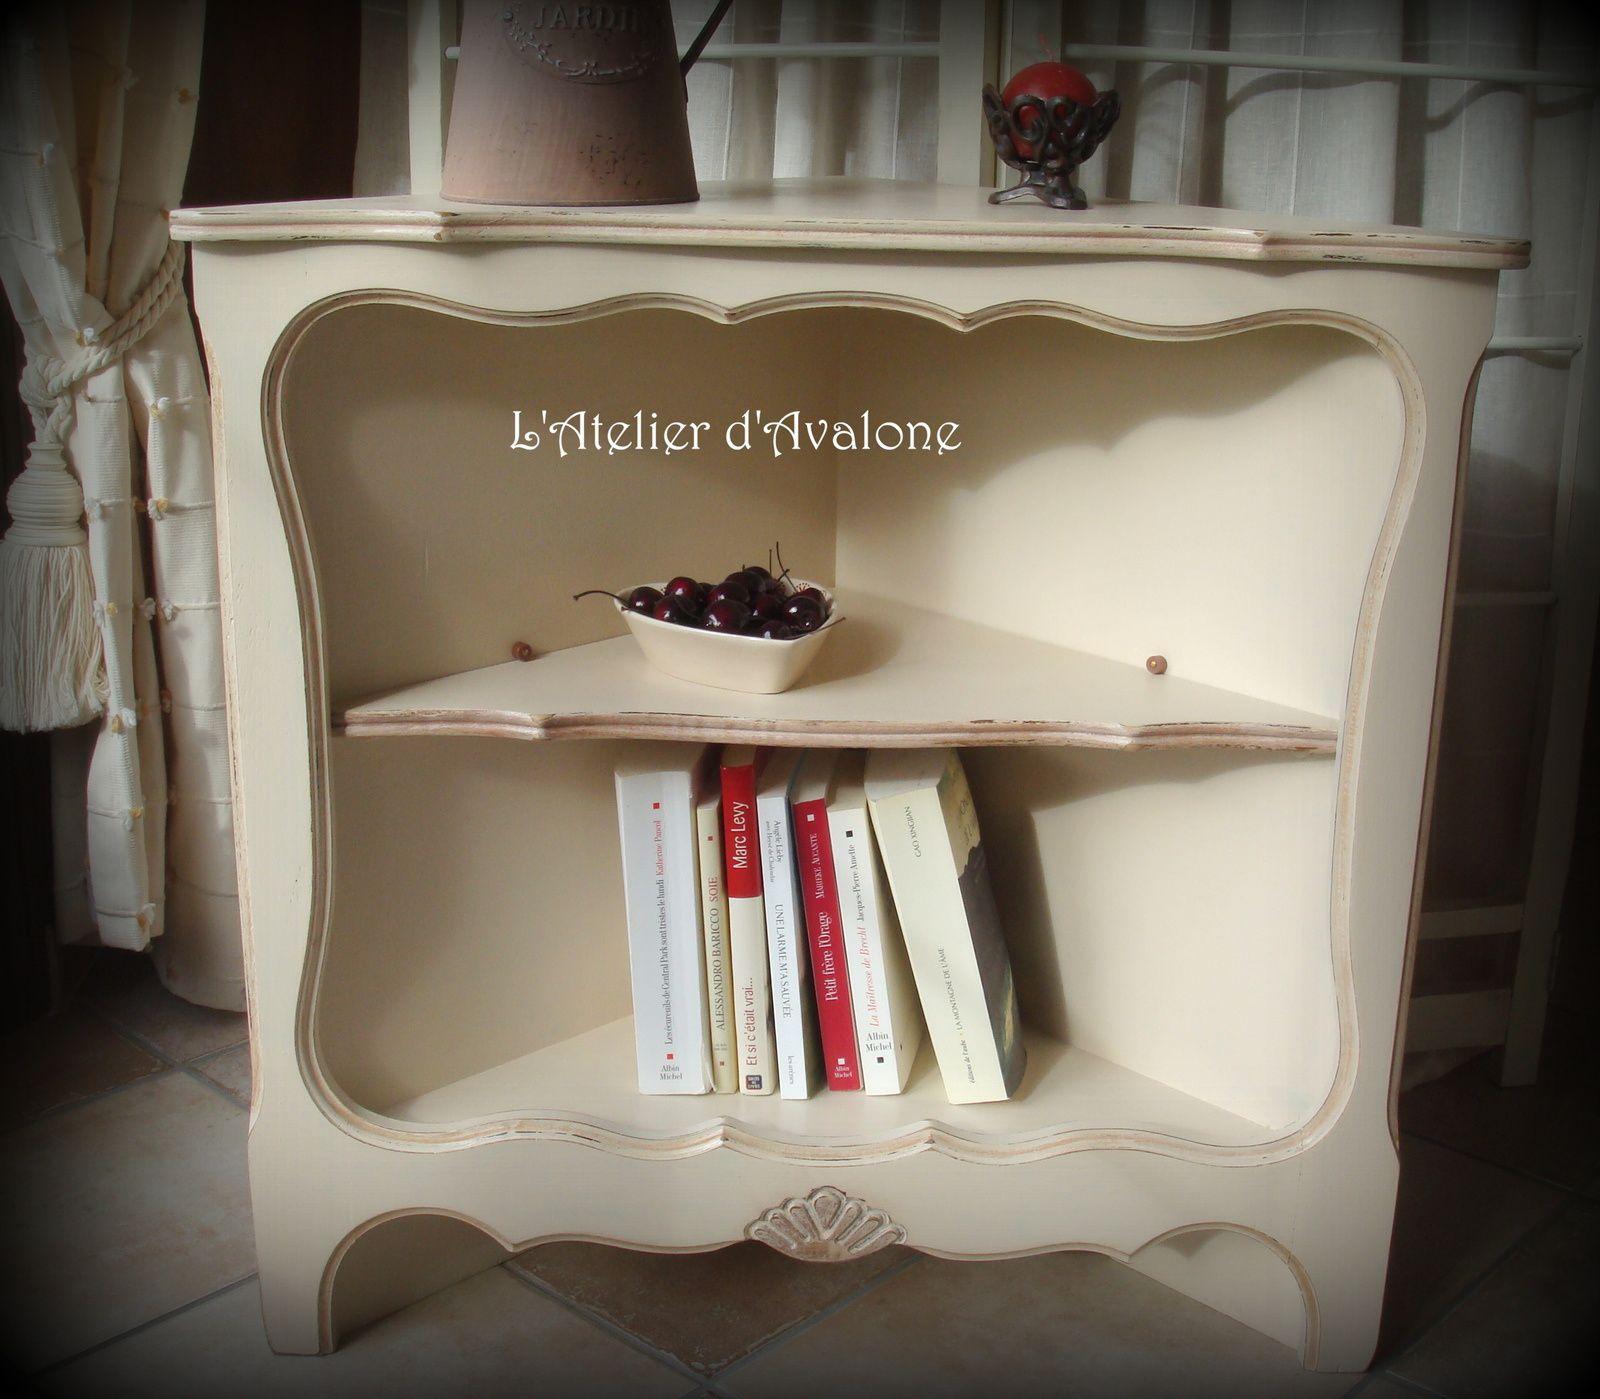 relooking d 39 un meuble d 39 angle dans un style cottage anglais l 39 atelier d 39 avalone. Black Bedroom Furniture Sets. Home Design Ideas